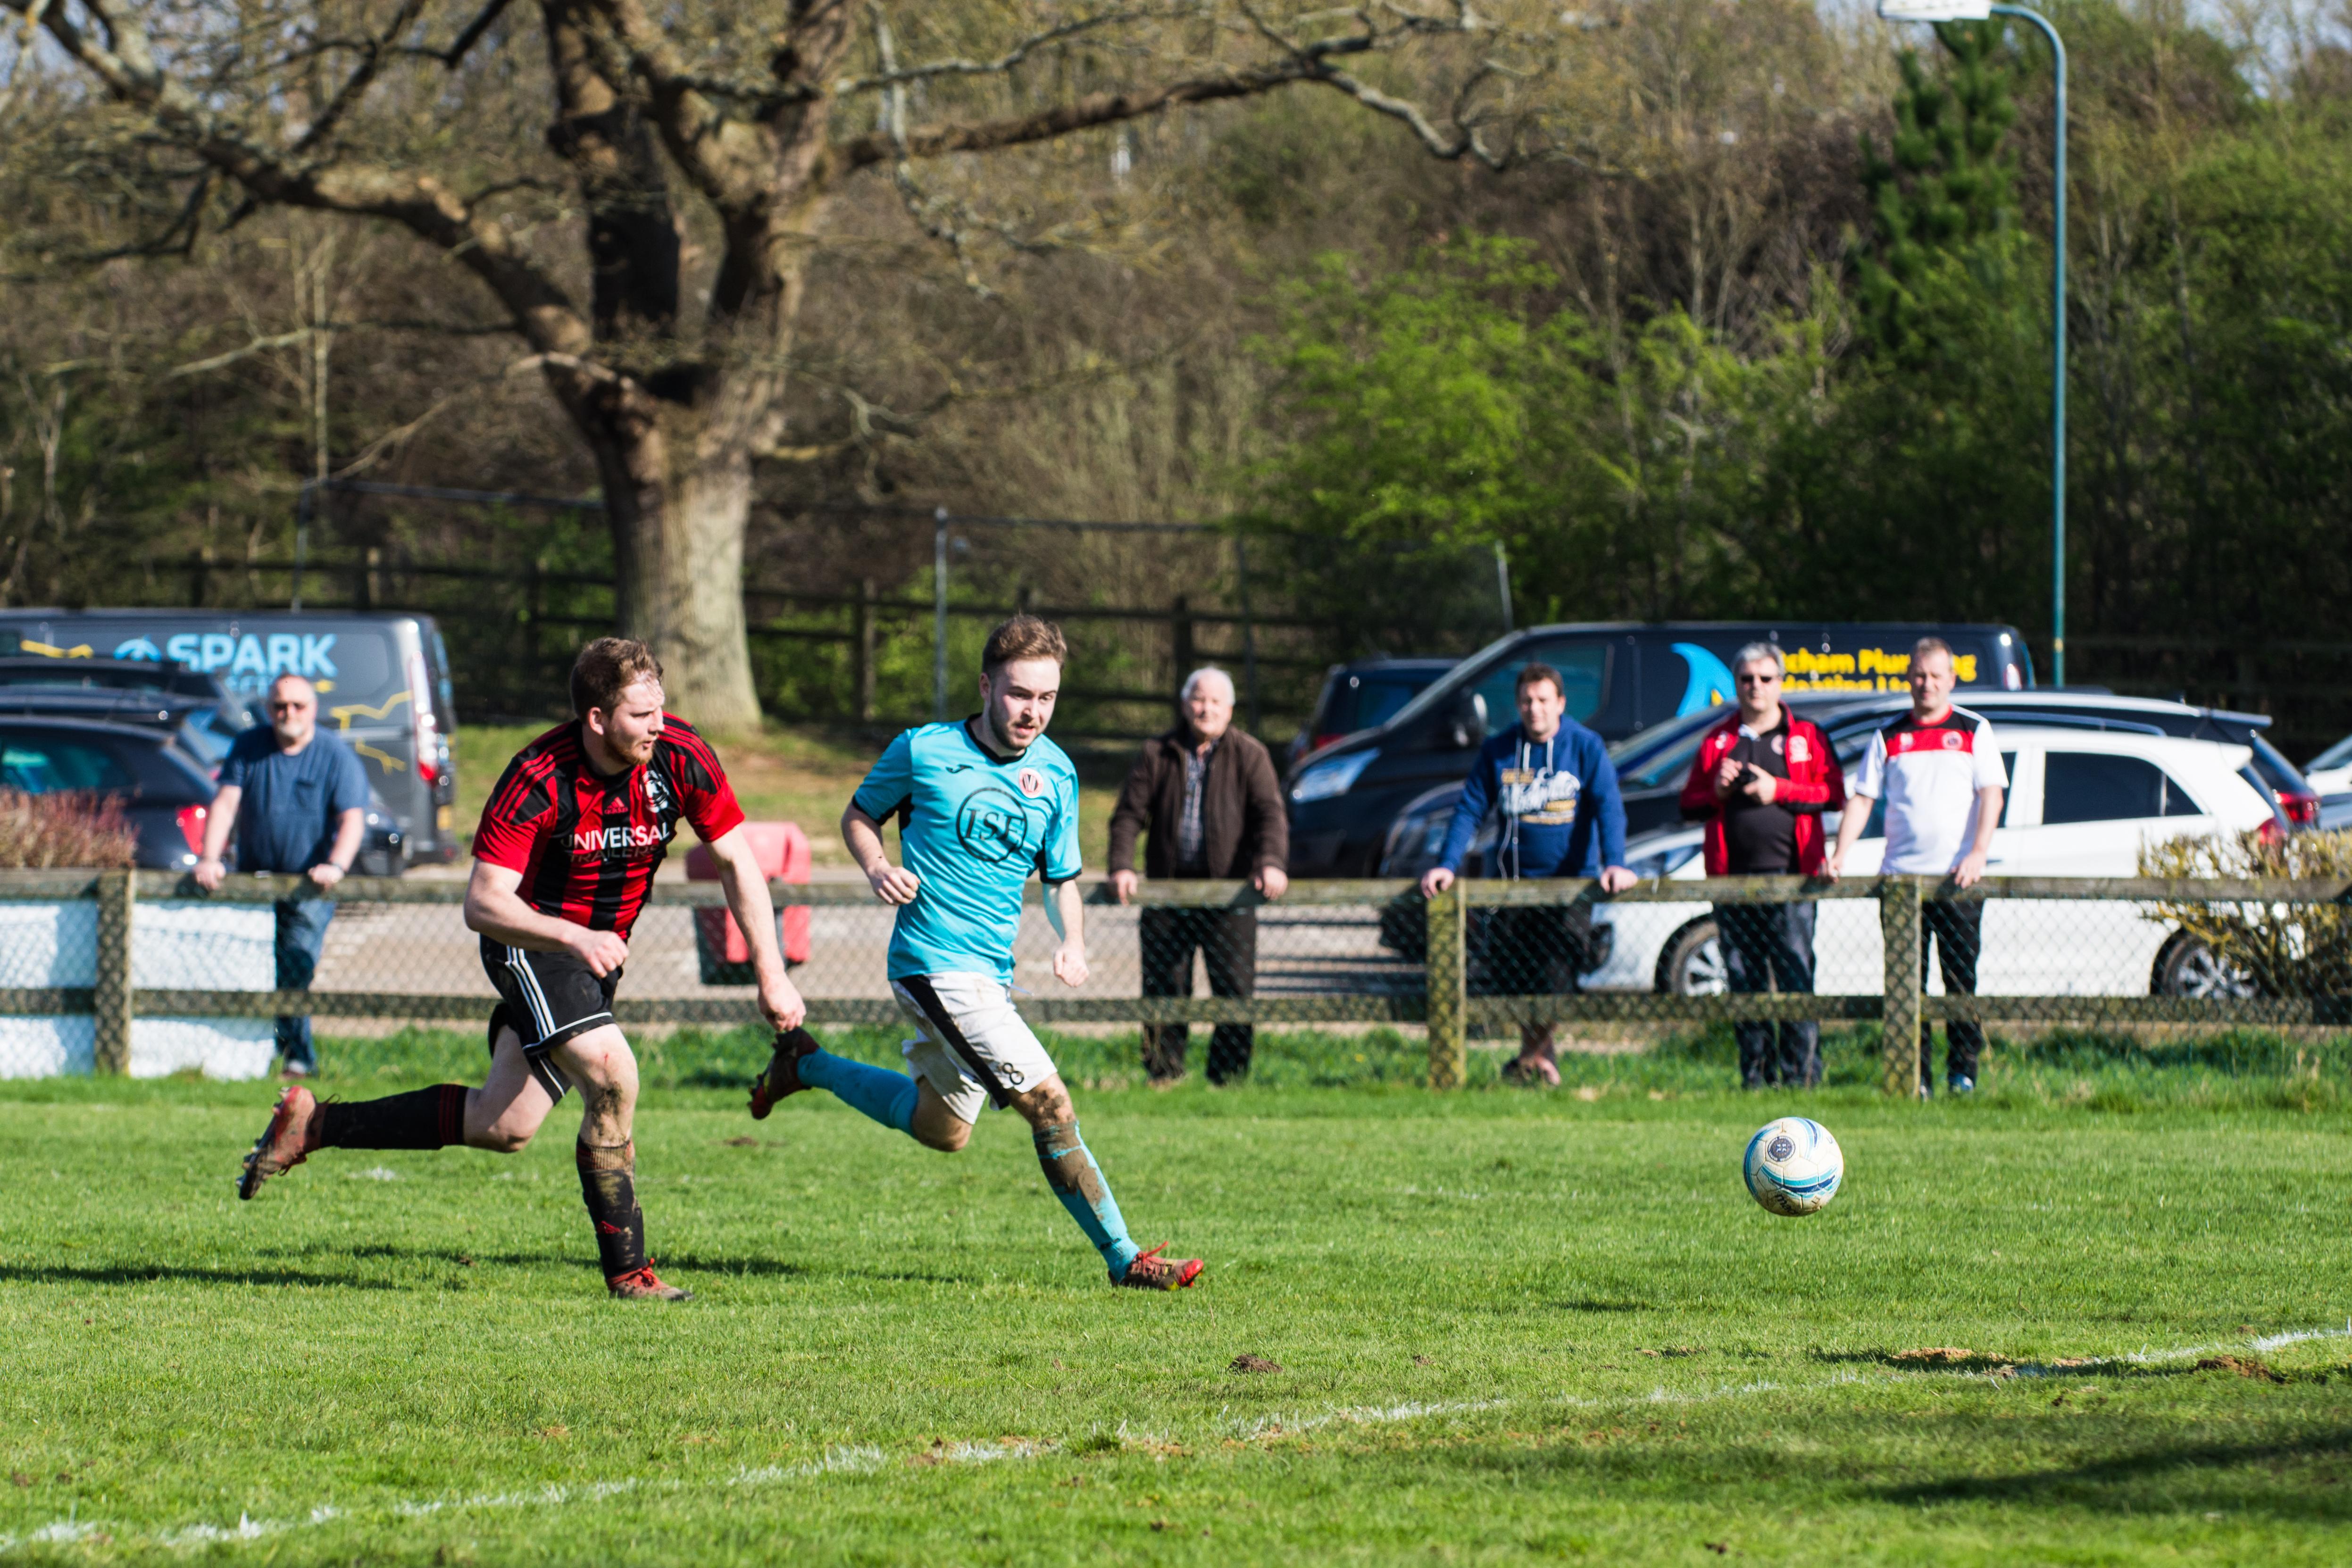 DAVID_JEFFERY Billingshurst FC vs AFC Varndeanians 14.04.18 107